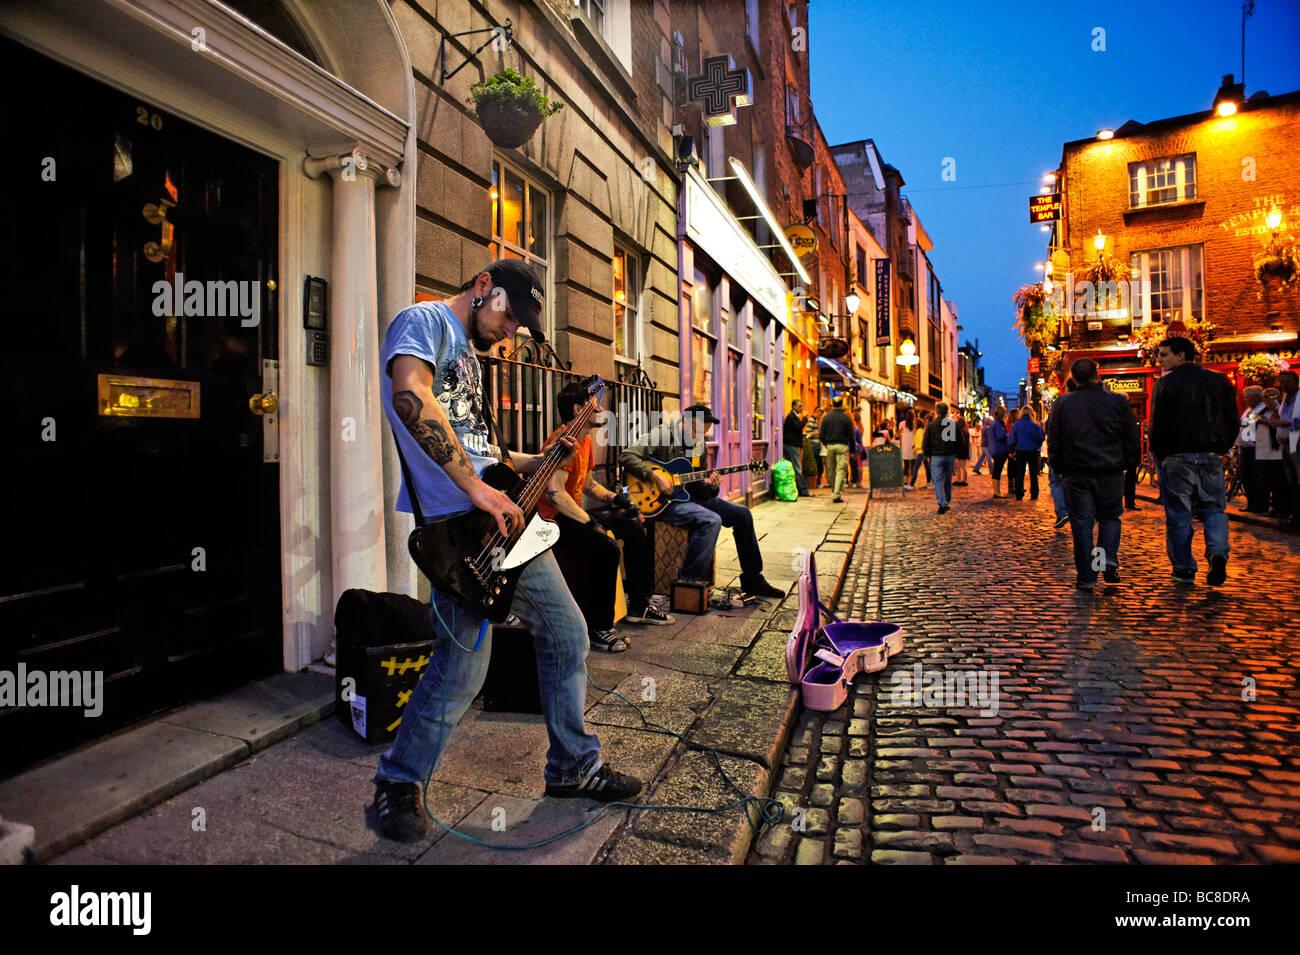 Band als Straßenmusikant auf gepflasterten Straße von Temple Bar Nachtleben Dublin Irland Stockbild